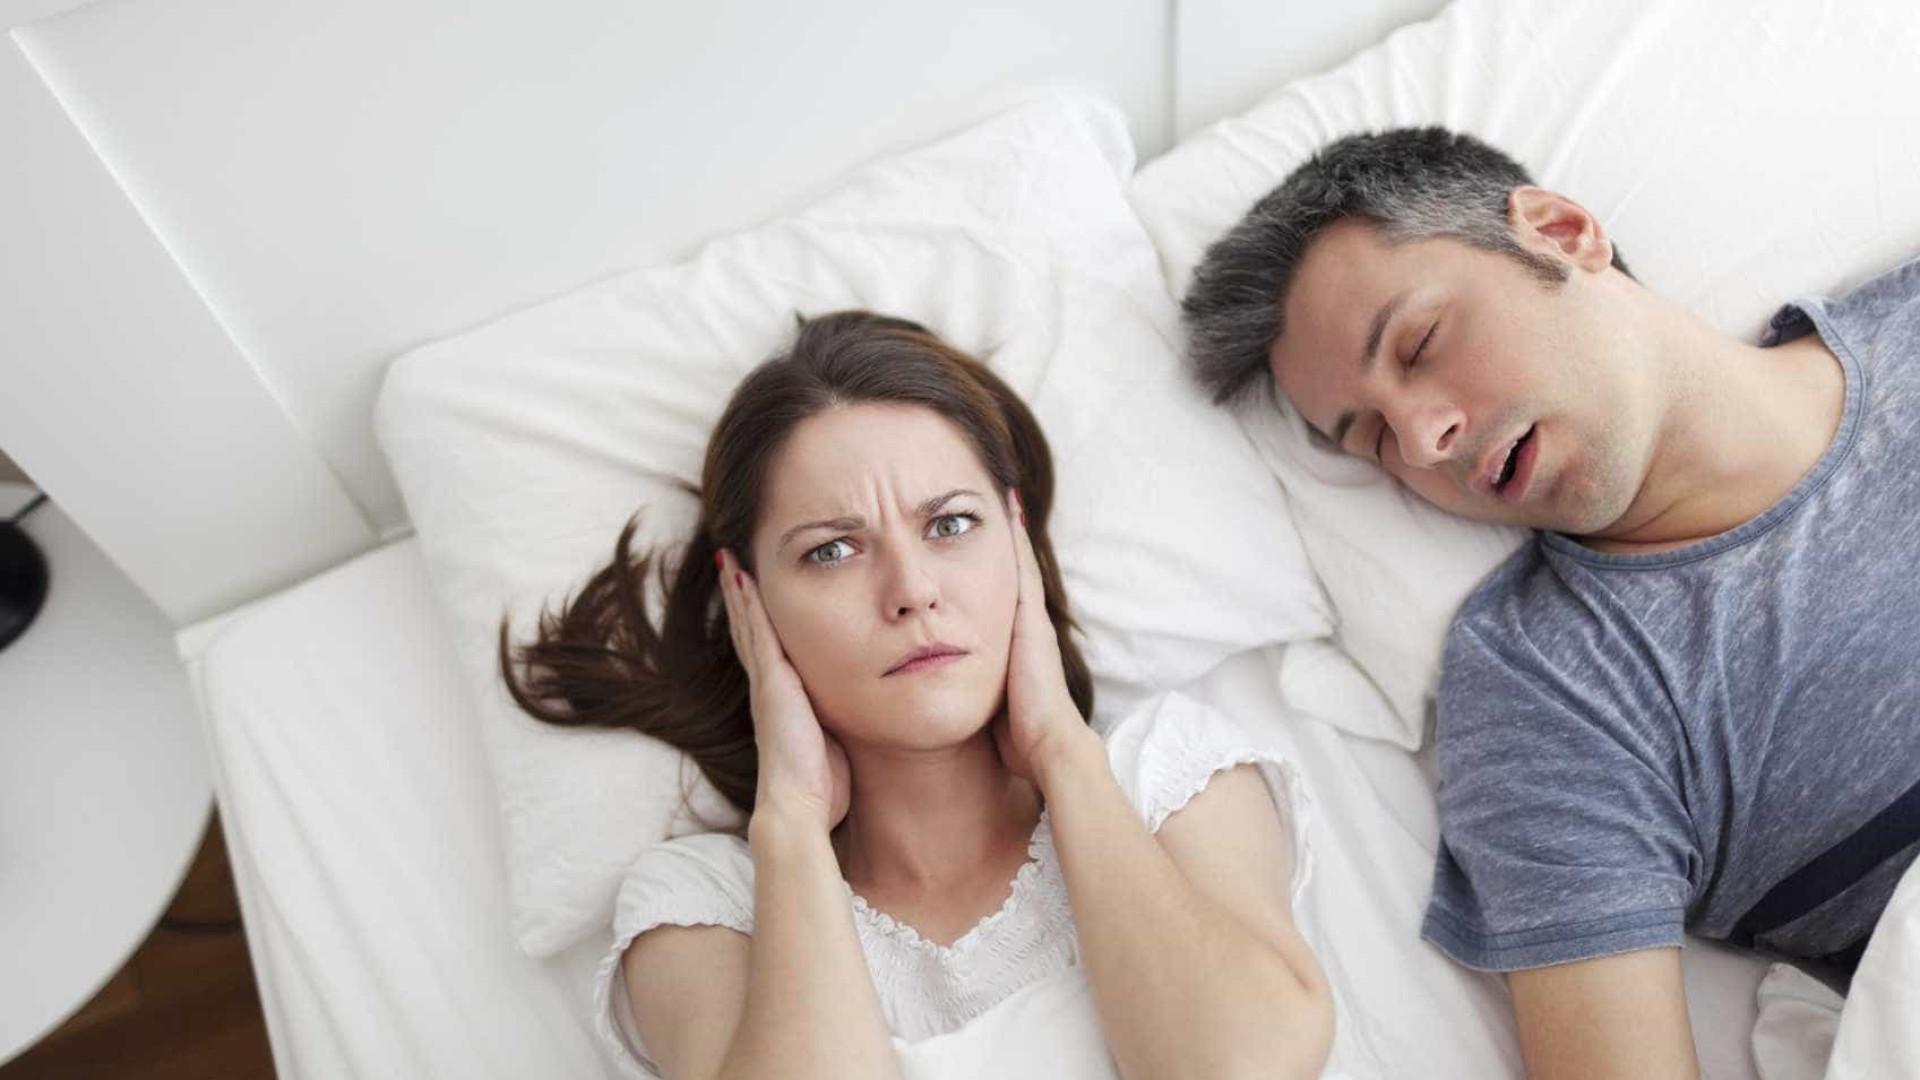 Ronco é uma das maiores causas de divórcio